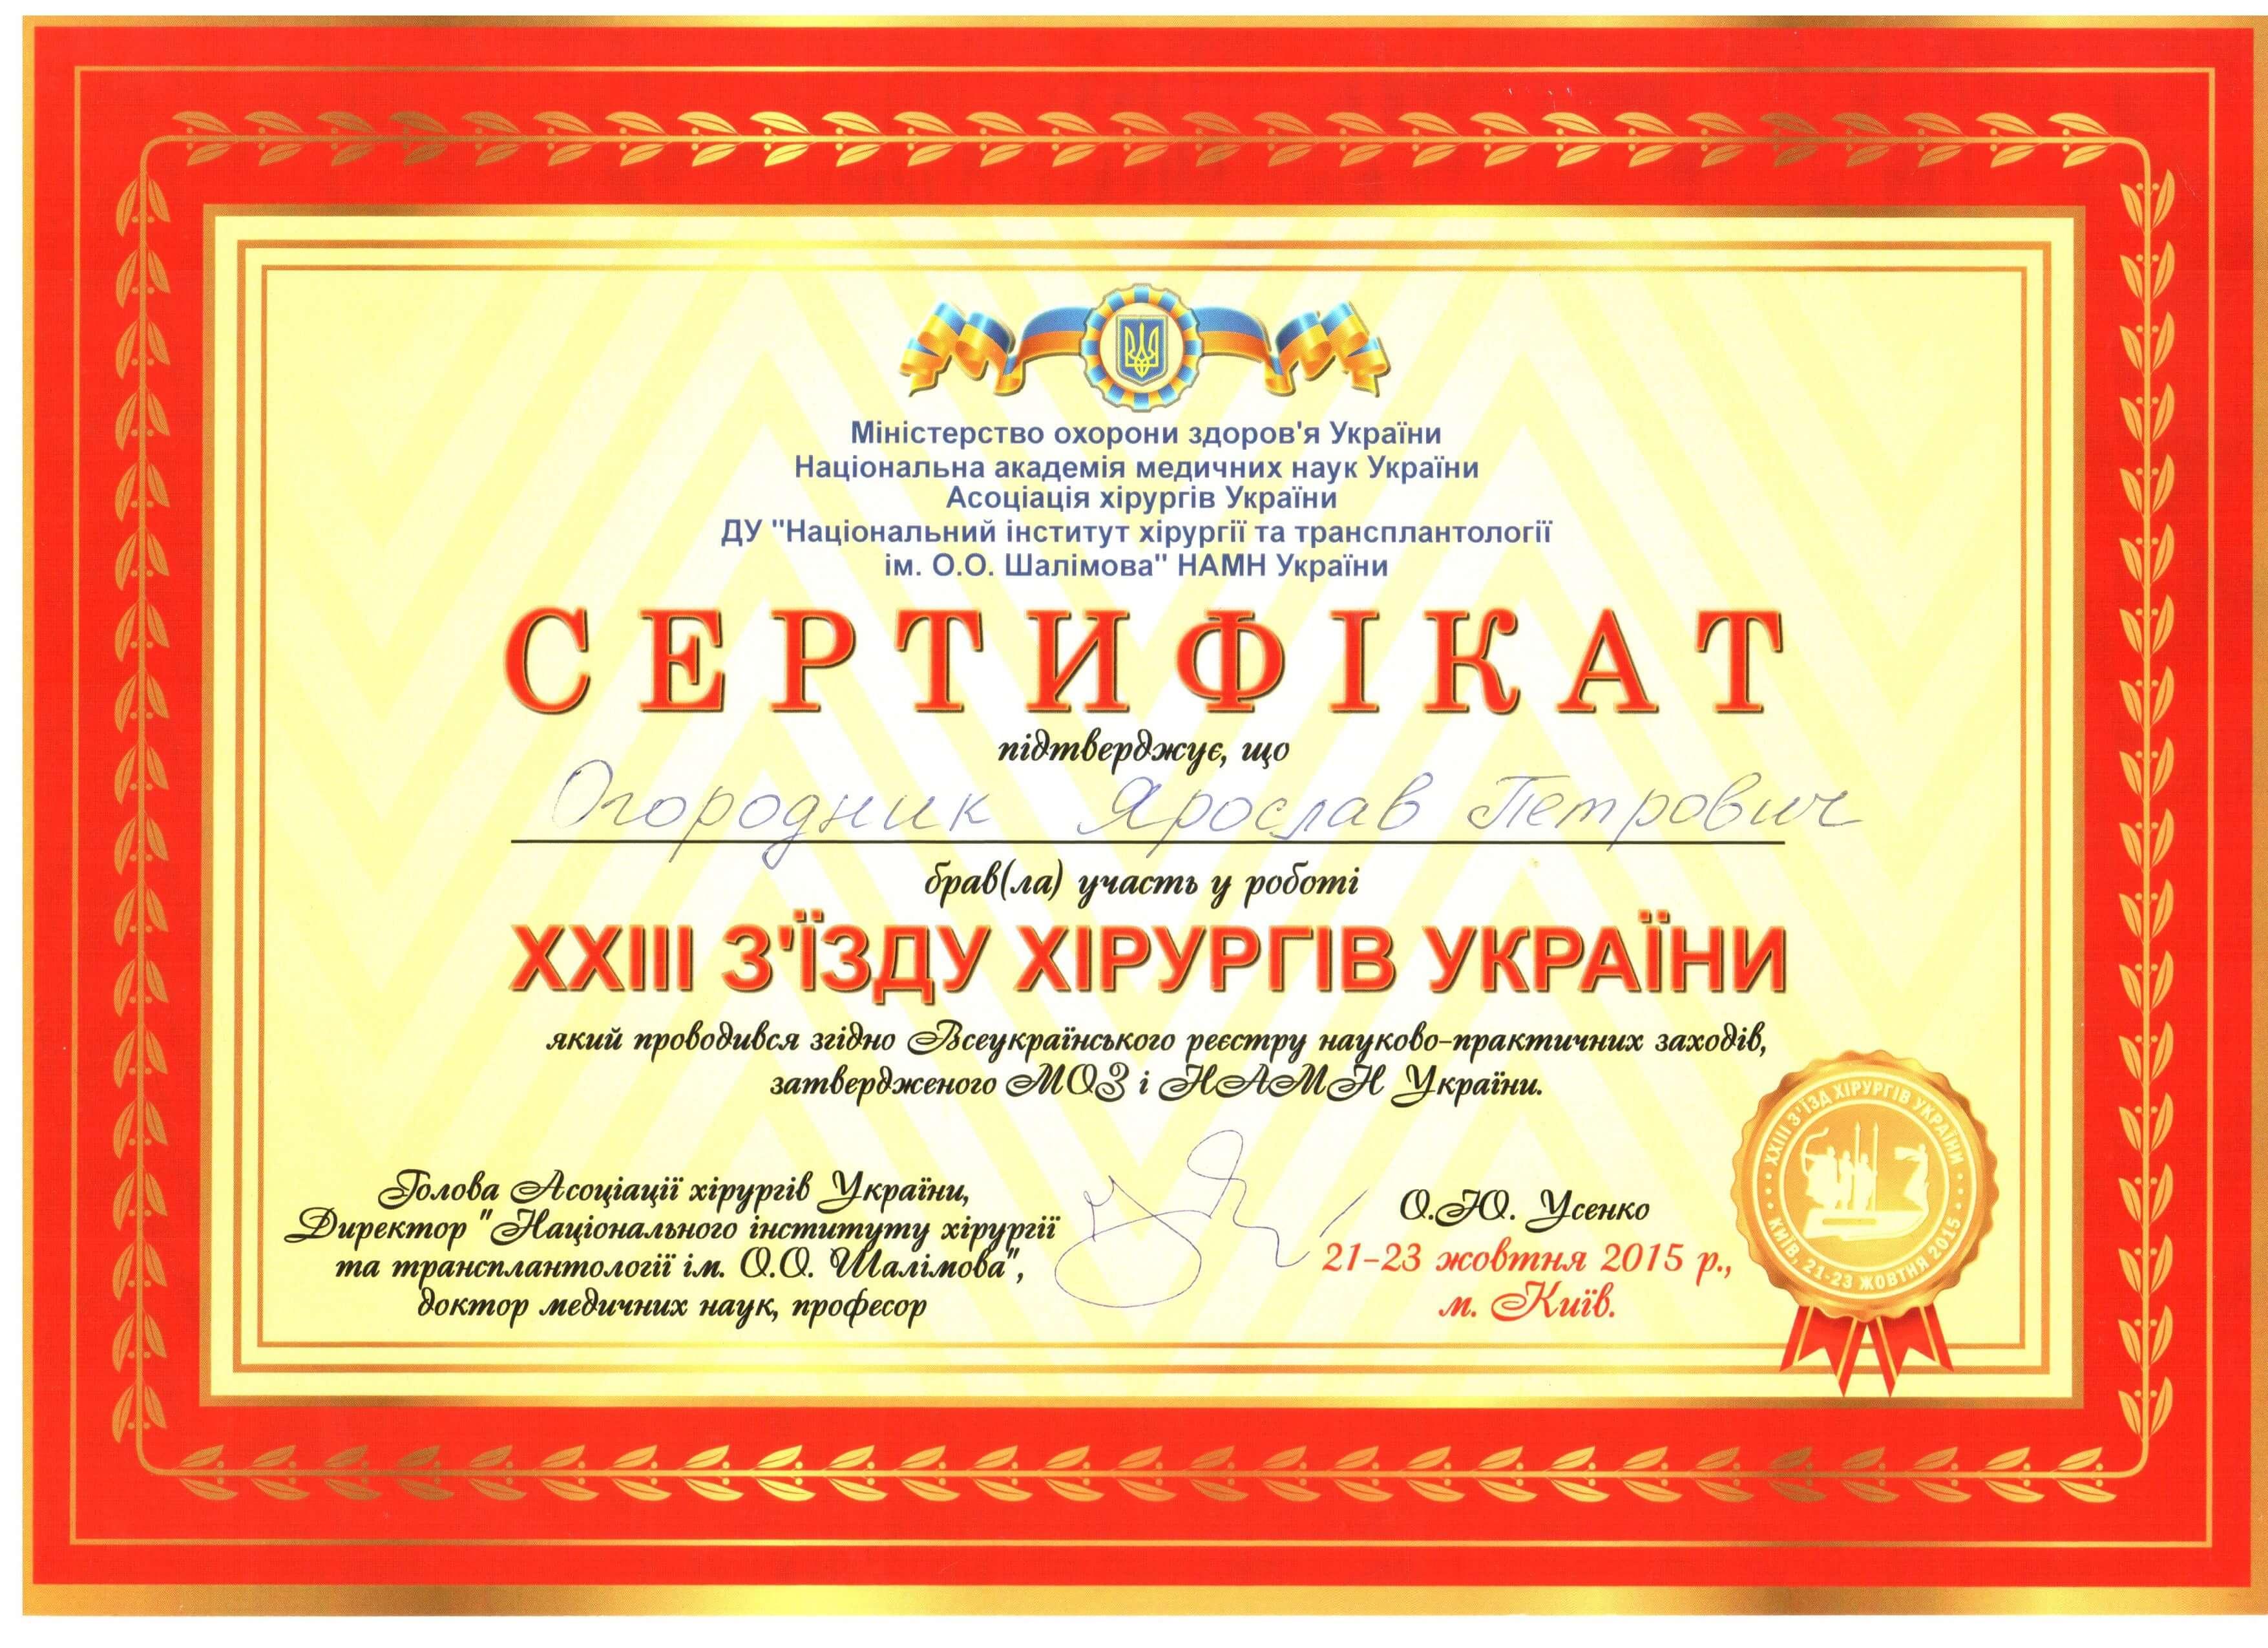 Огородник Ярослав Петрович